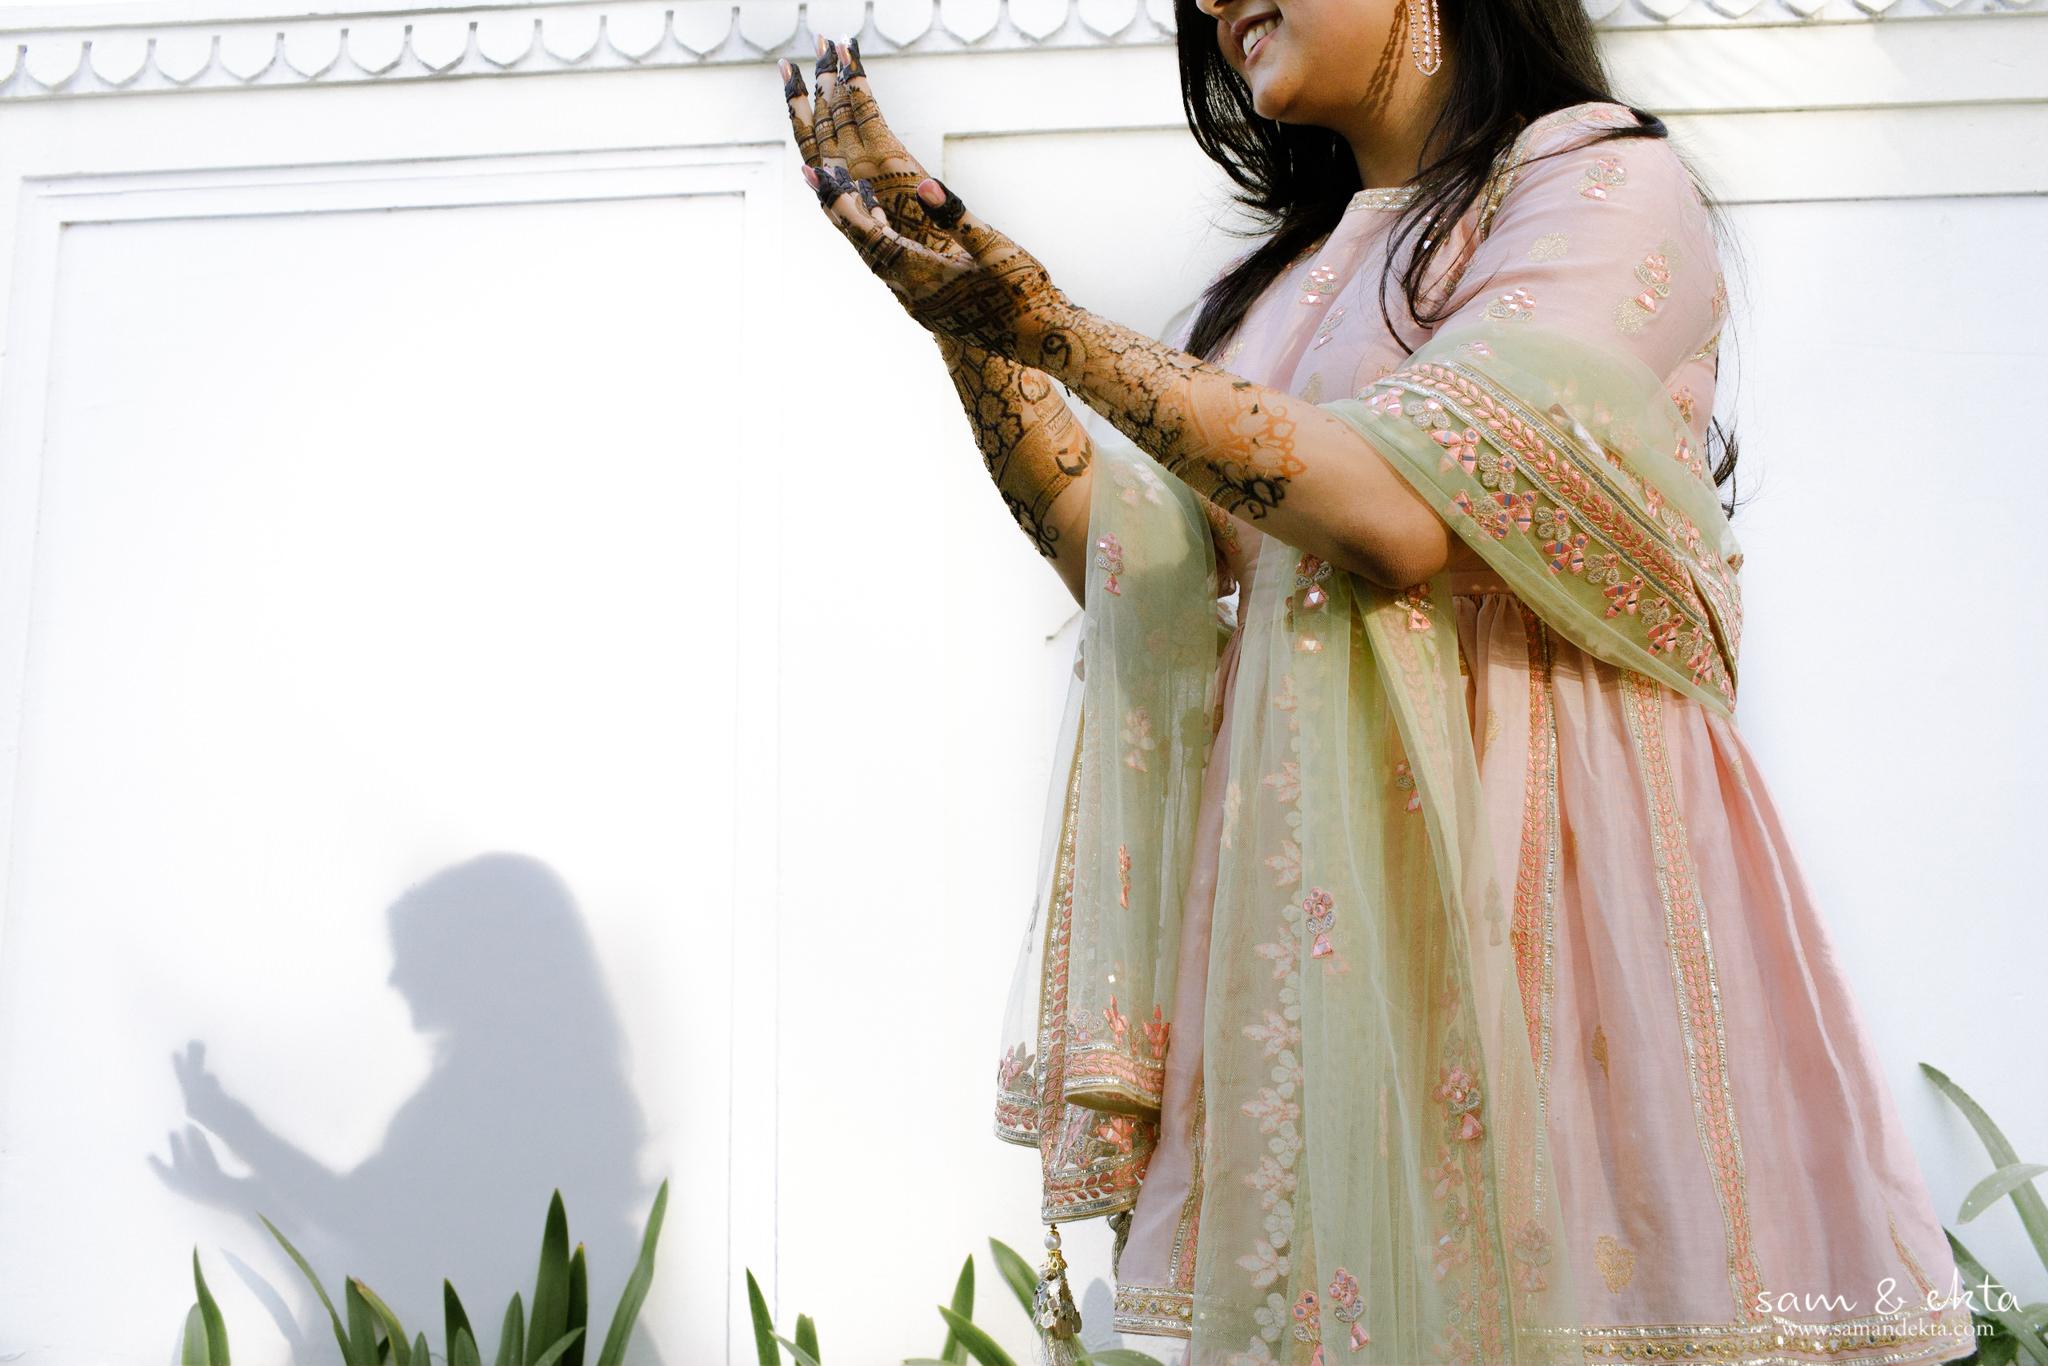 R&R_Marriott Jaipur_www.samandekta.com-5.jpg